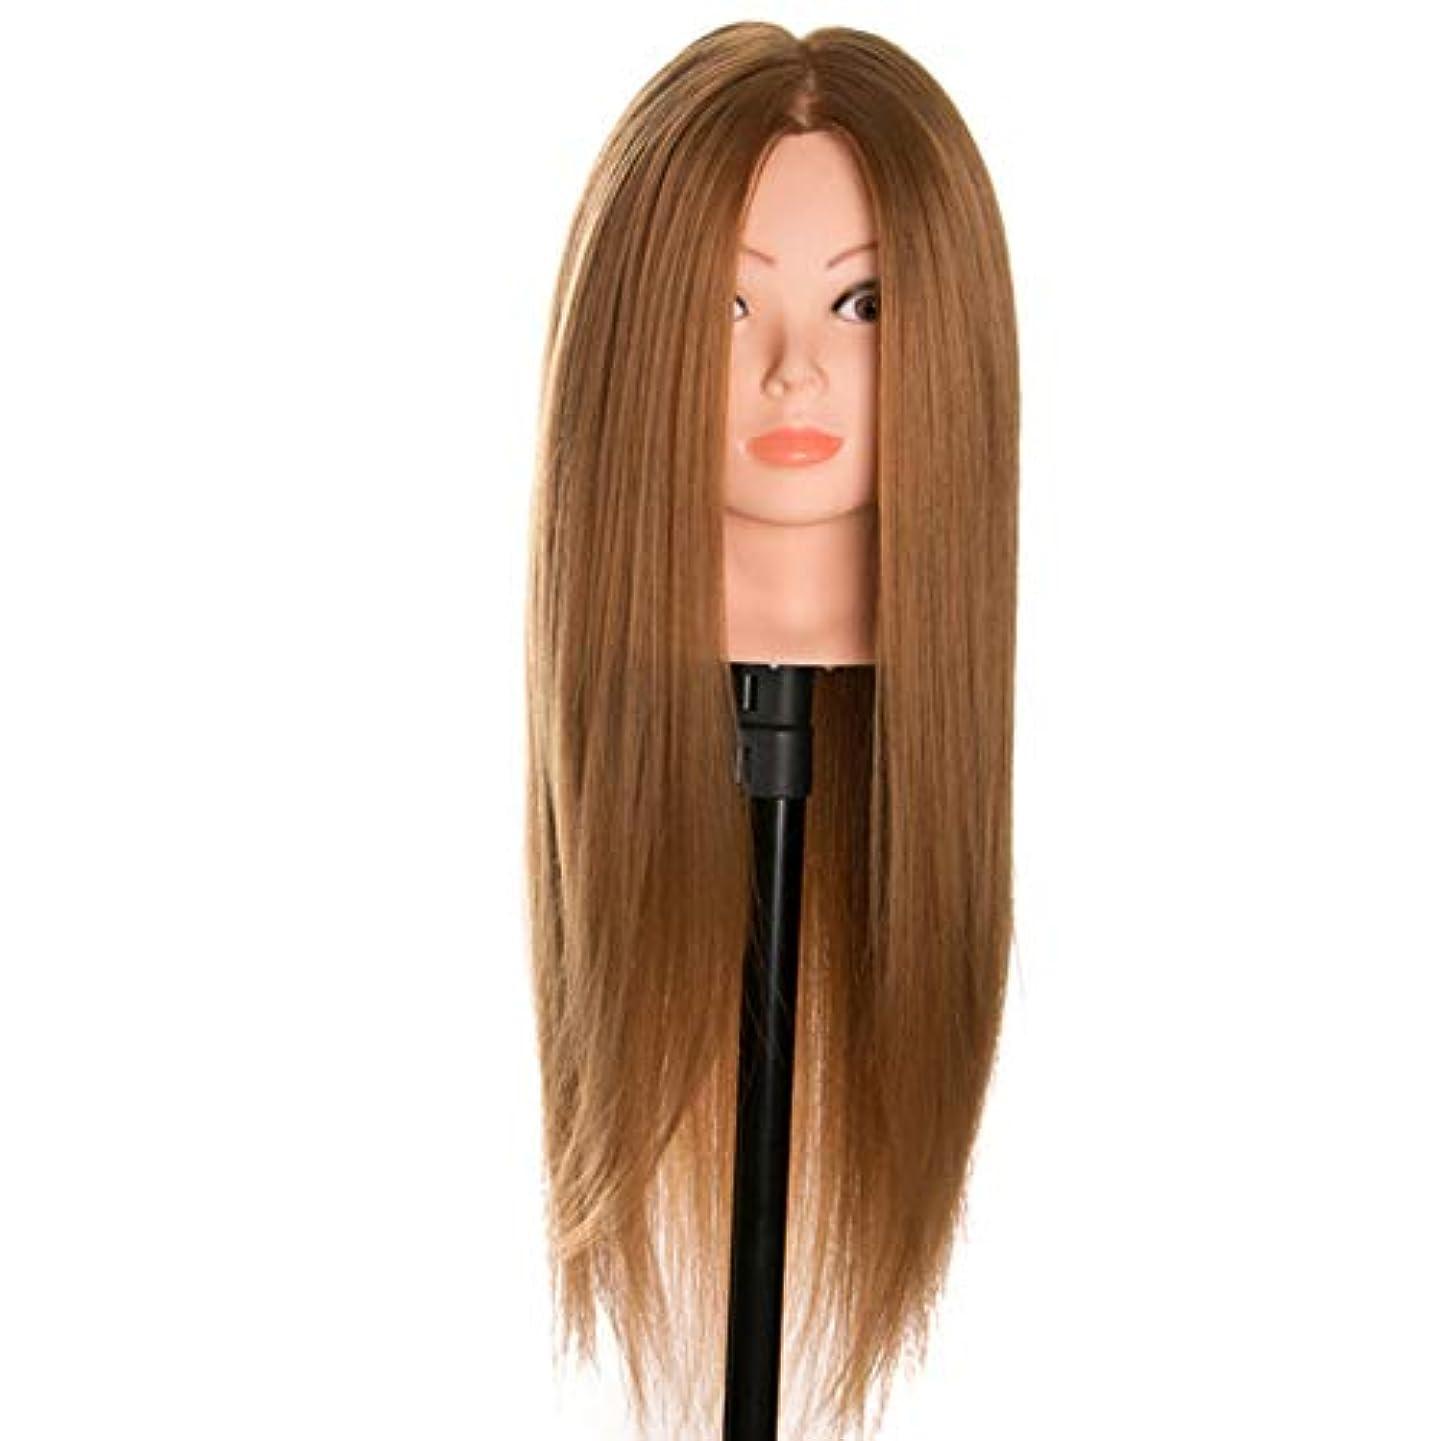 スコットランド人マトロンアーティストメイクディスクヘアスタイリング編み教育ダミーヘッド理髪ヘアカットトレーニングかつらサロンエクササイズヘッド金型3個